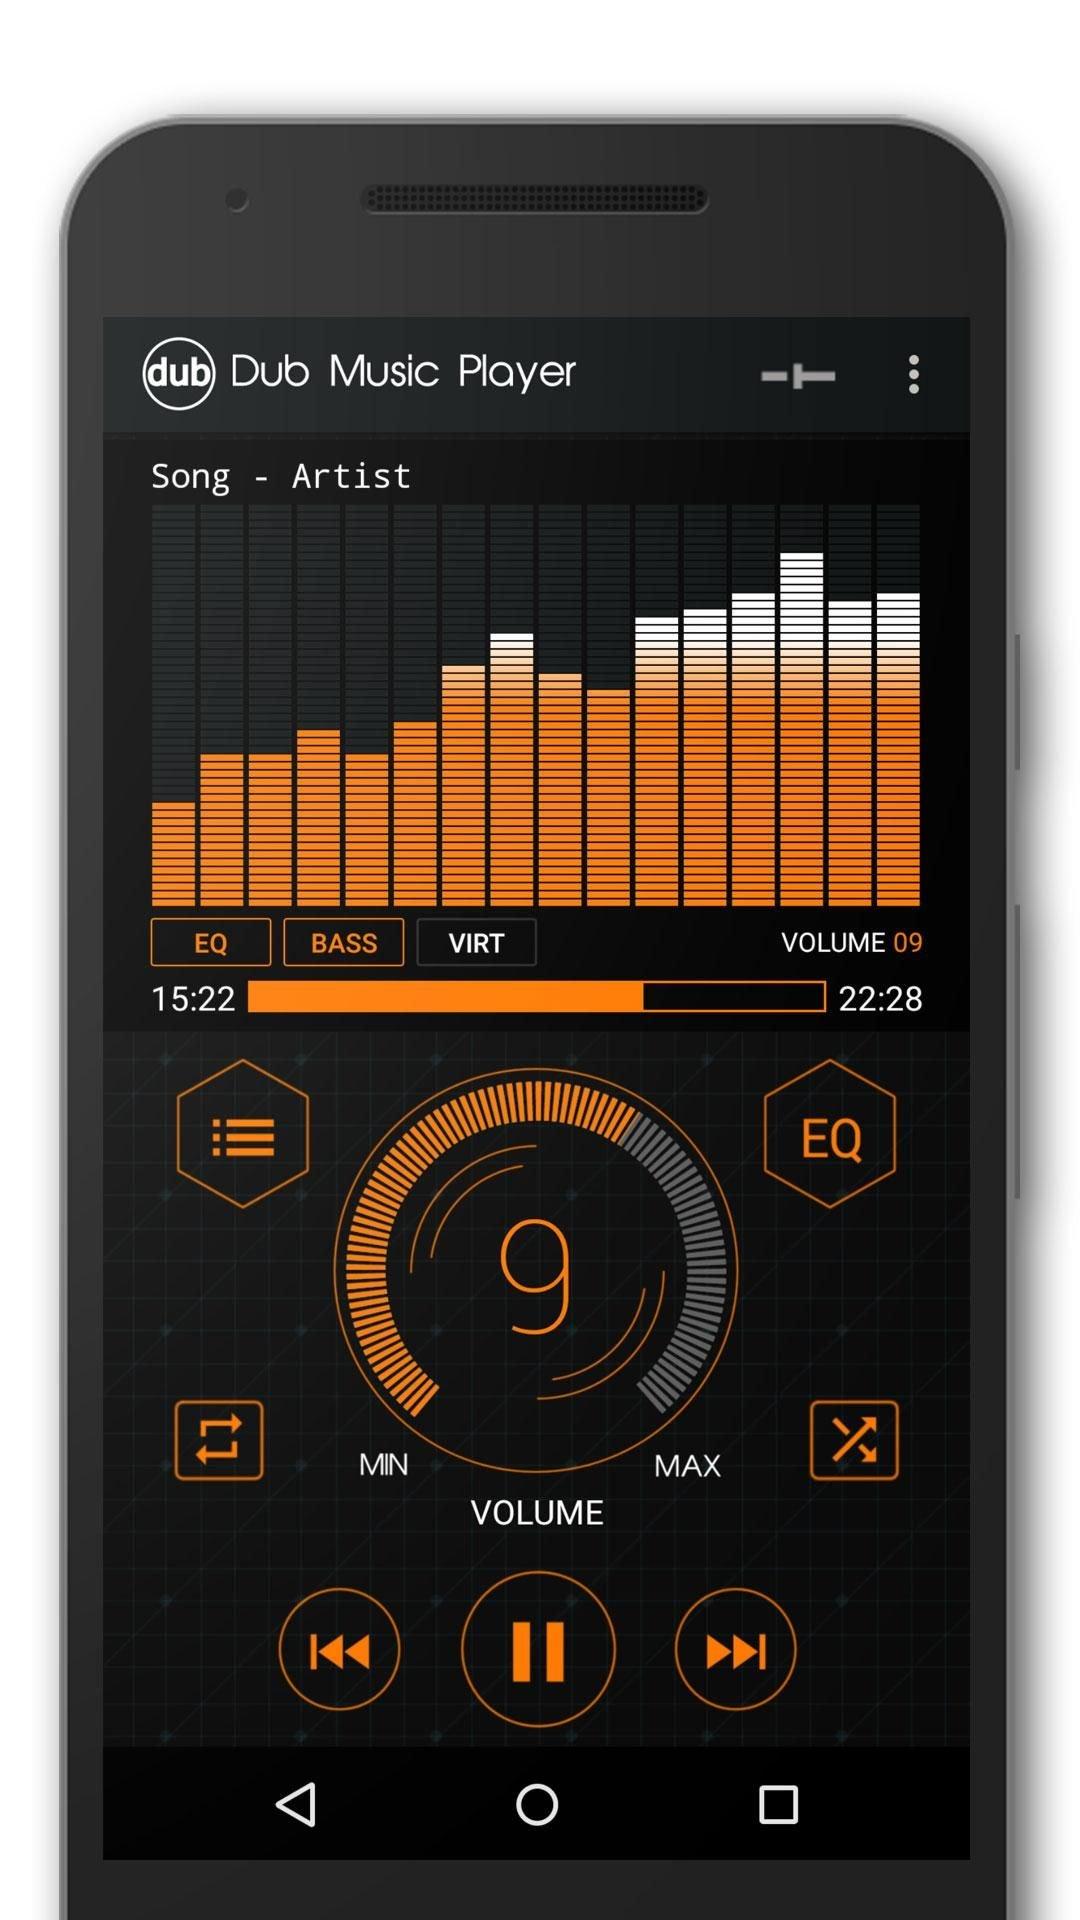 приложение на андроид для батареи